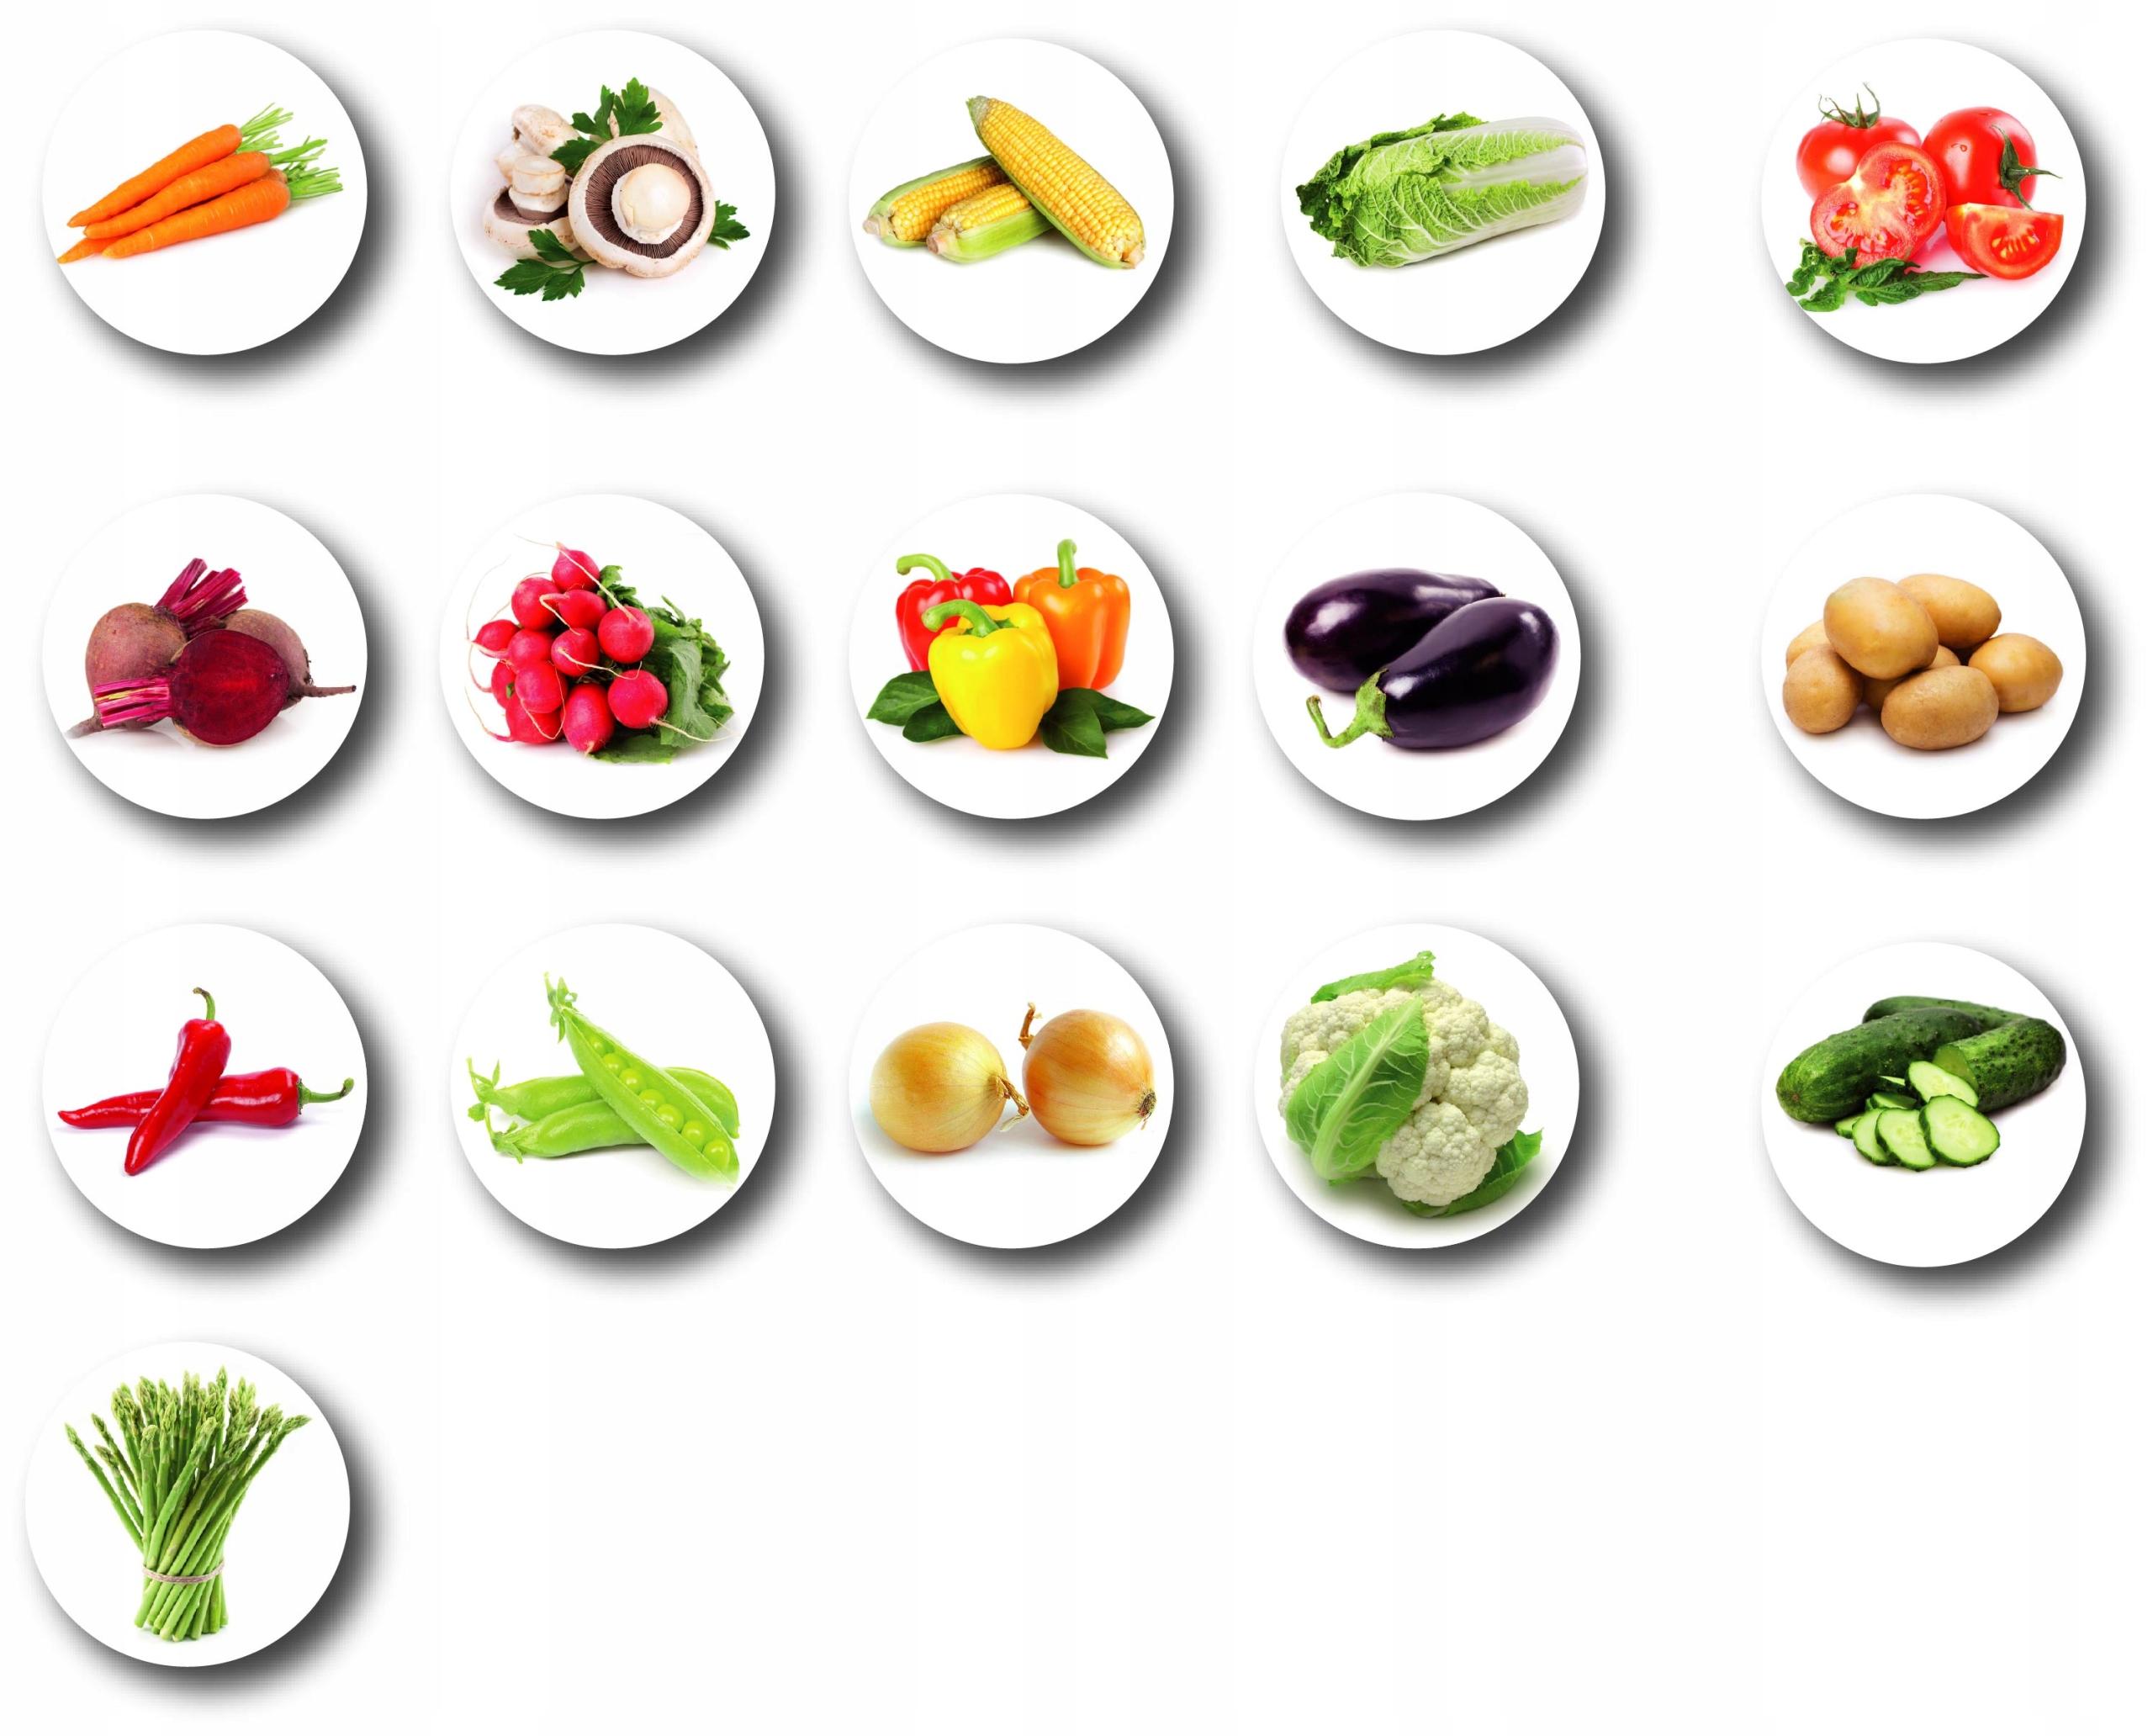 Chladnička Magnety Zelenina - Magnet Zelenina 16 S